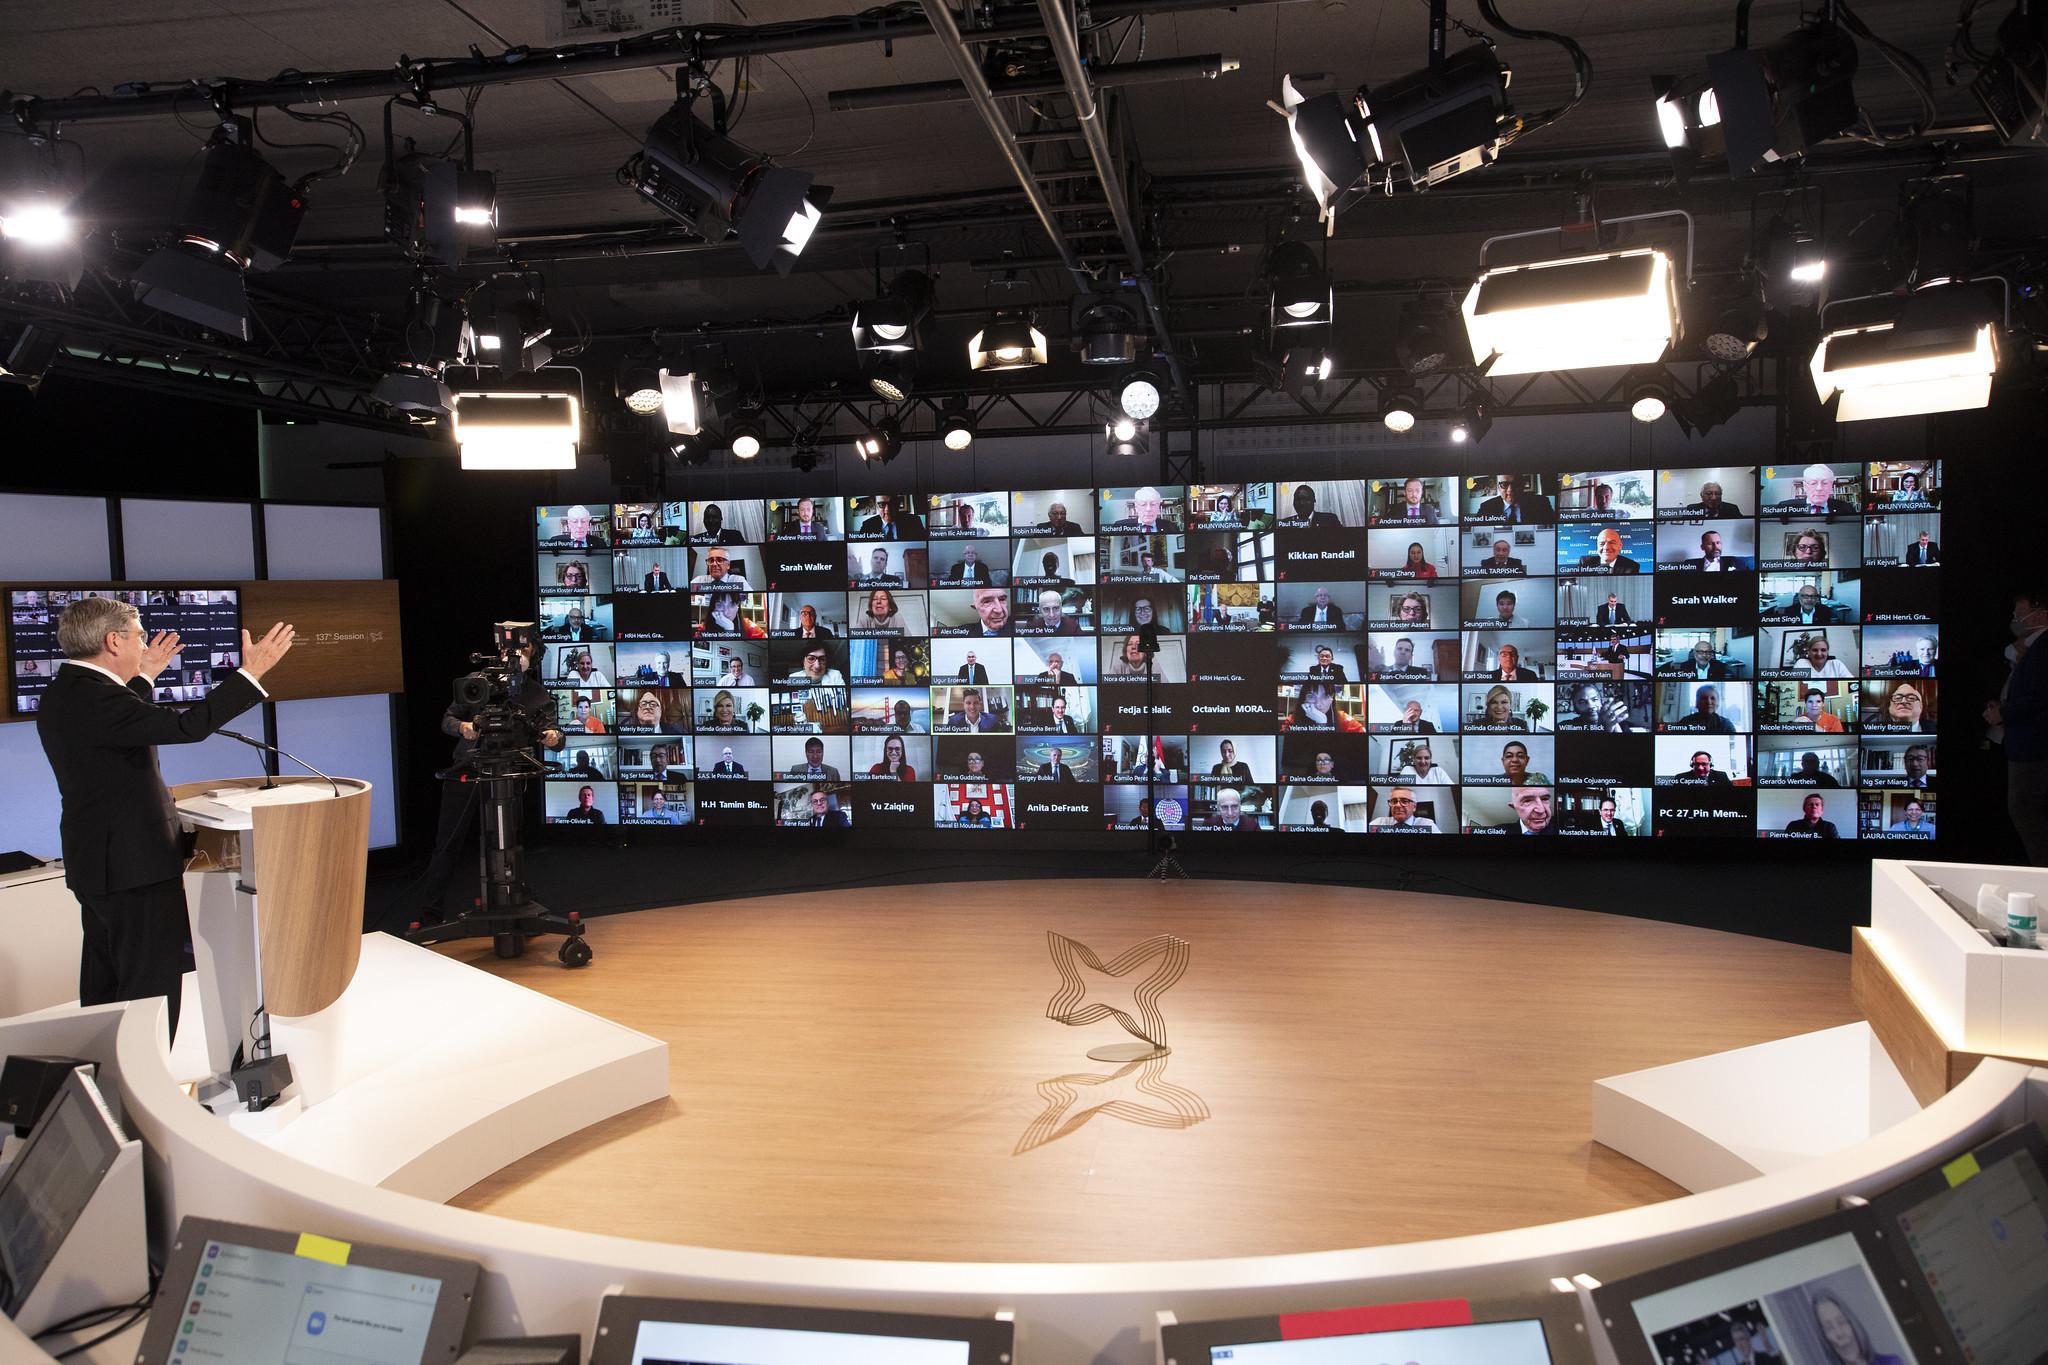 Большинство членов МОК участвуют в заседании на прошлой неделе только для того, чтобы воздать должное Томасу Баху после его переизбрания президентом © МОК